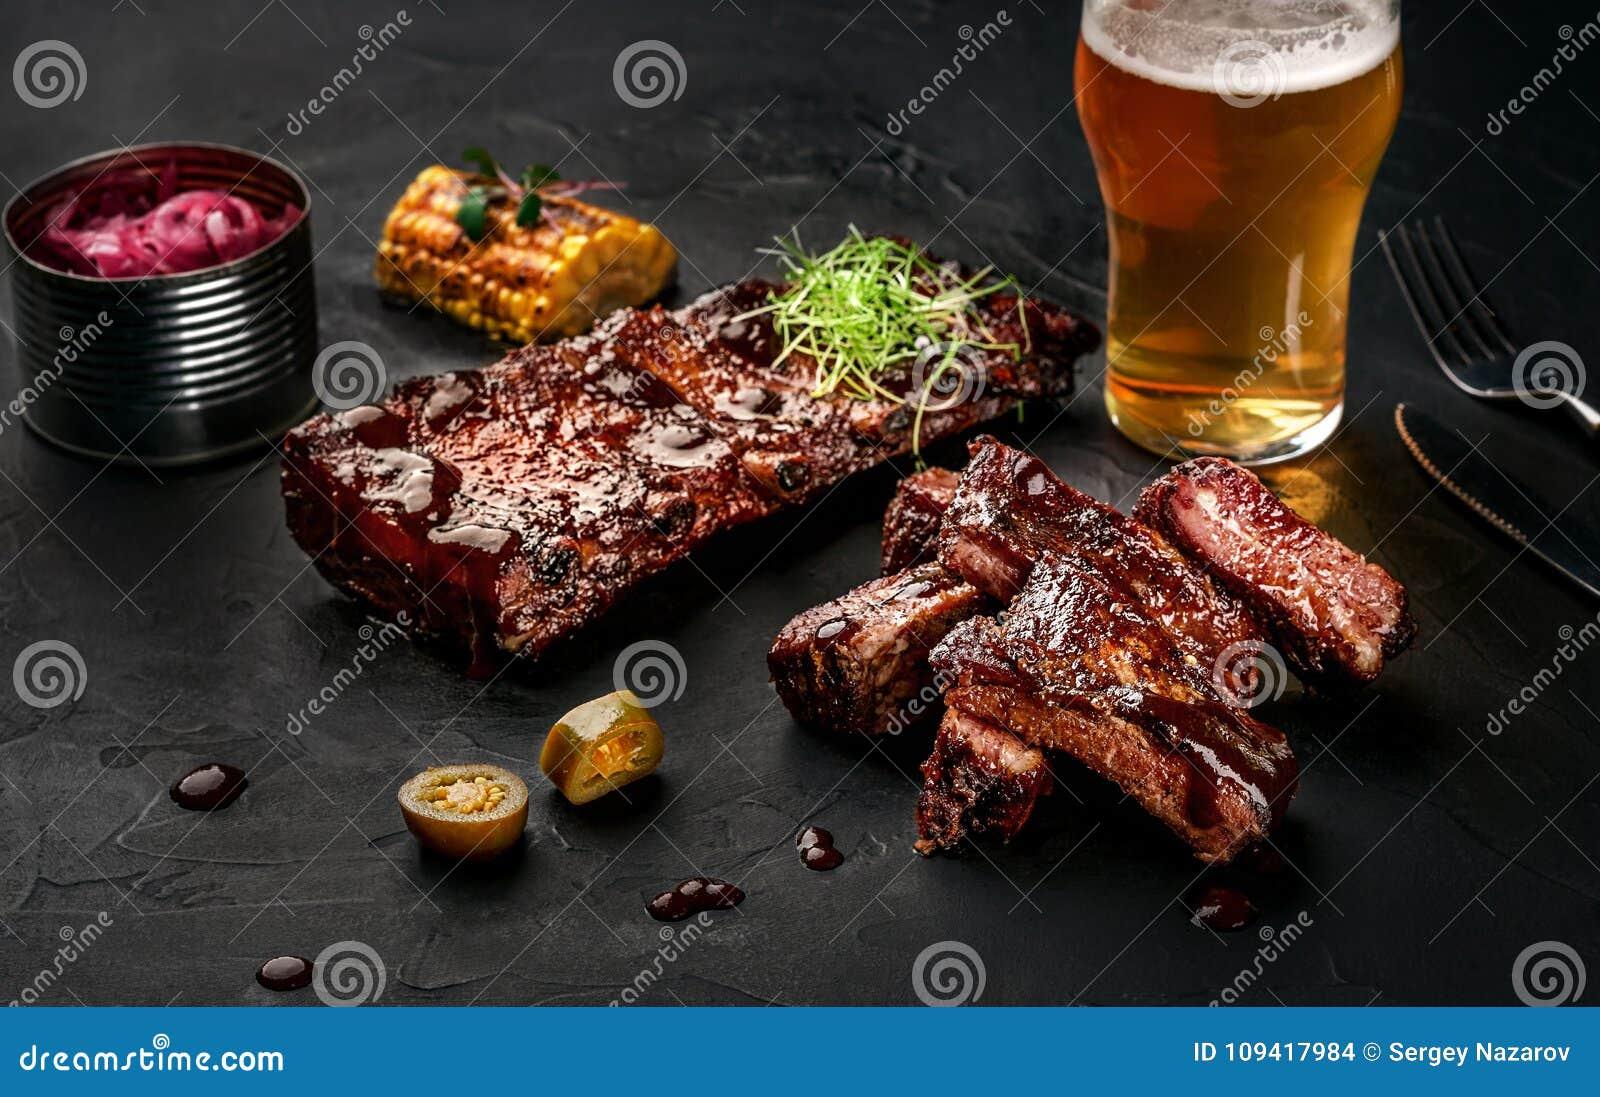 Nervures de porc dans la sauce barbecue et un verre de bière sur un plat noir d ardoise Un grand casse-croûte à la bière sur un f